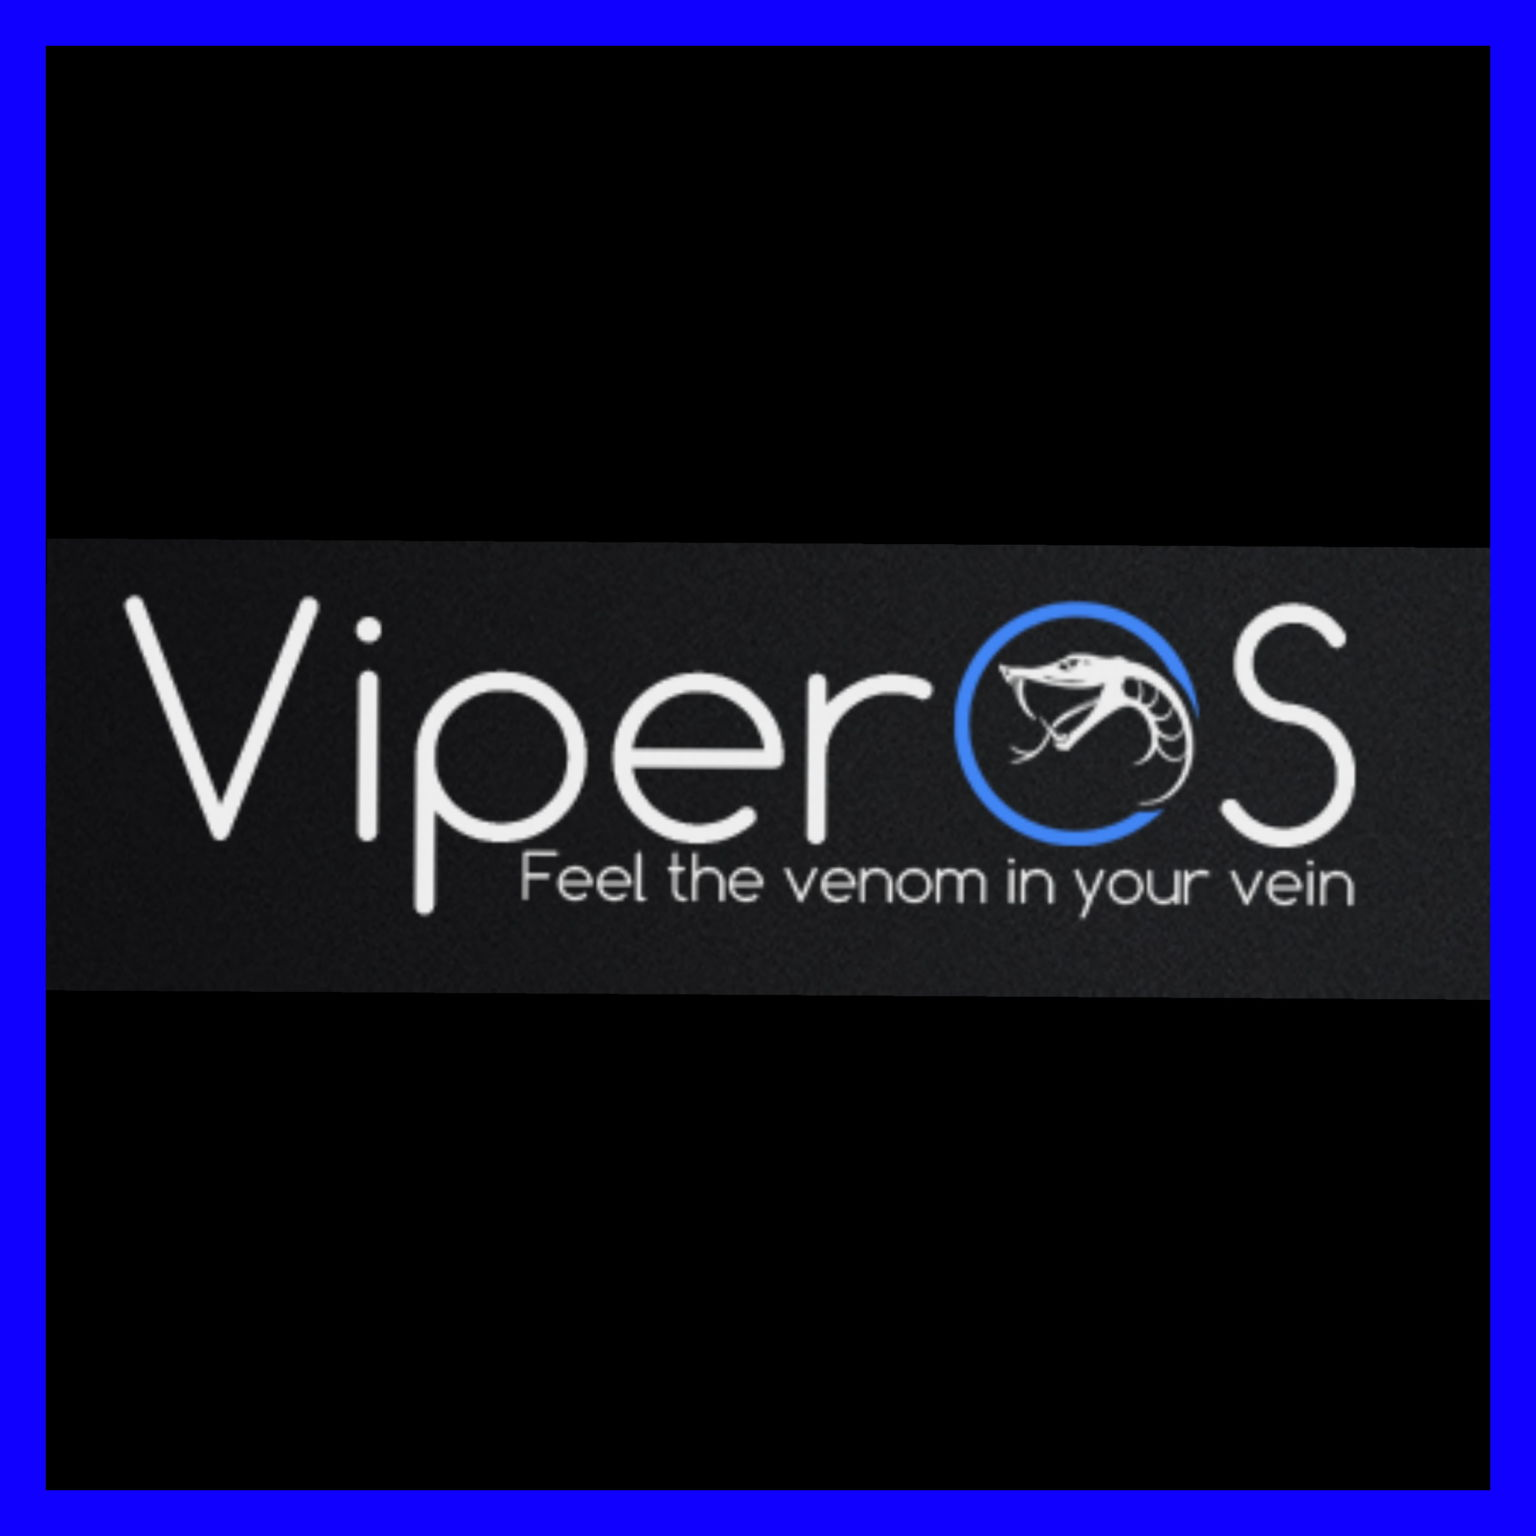 [7.1] ViperOS Coral N বাগলেস কাষ্টম রম ব্যবহার করুন আপনার All MT6572 কিটক্যাট এ।  সেই ফাস্ট  অনেকটা বাগ ফ্রী একটা রম 😍😍😍